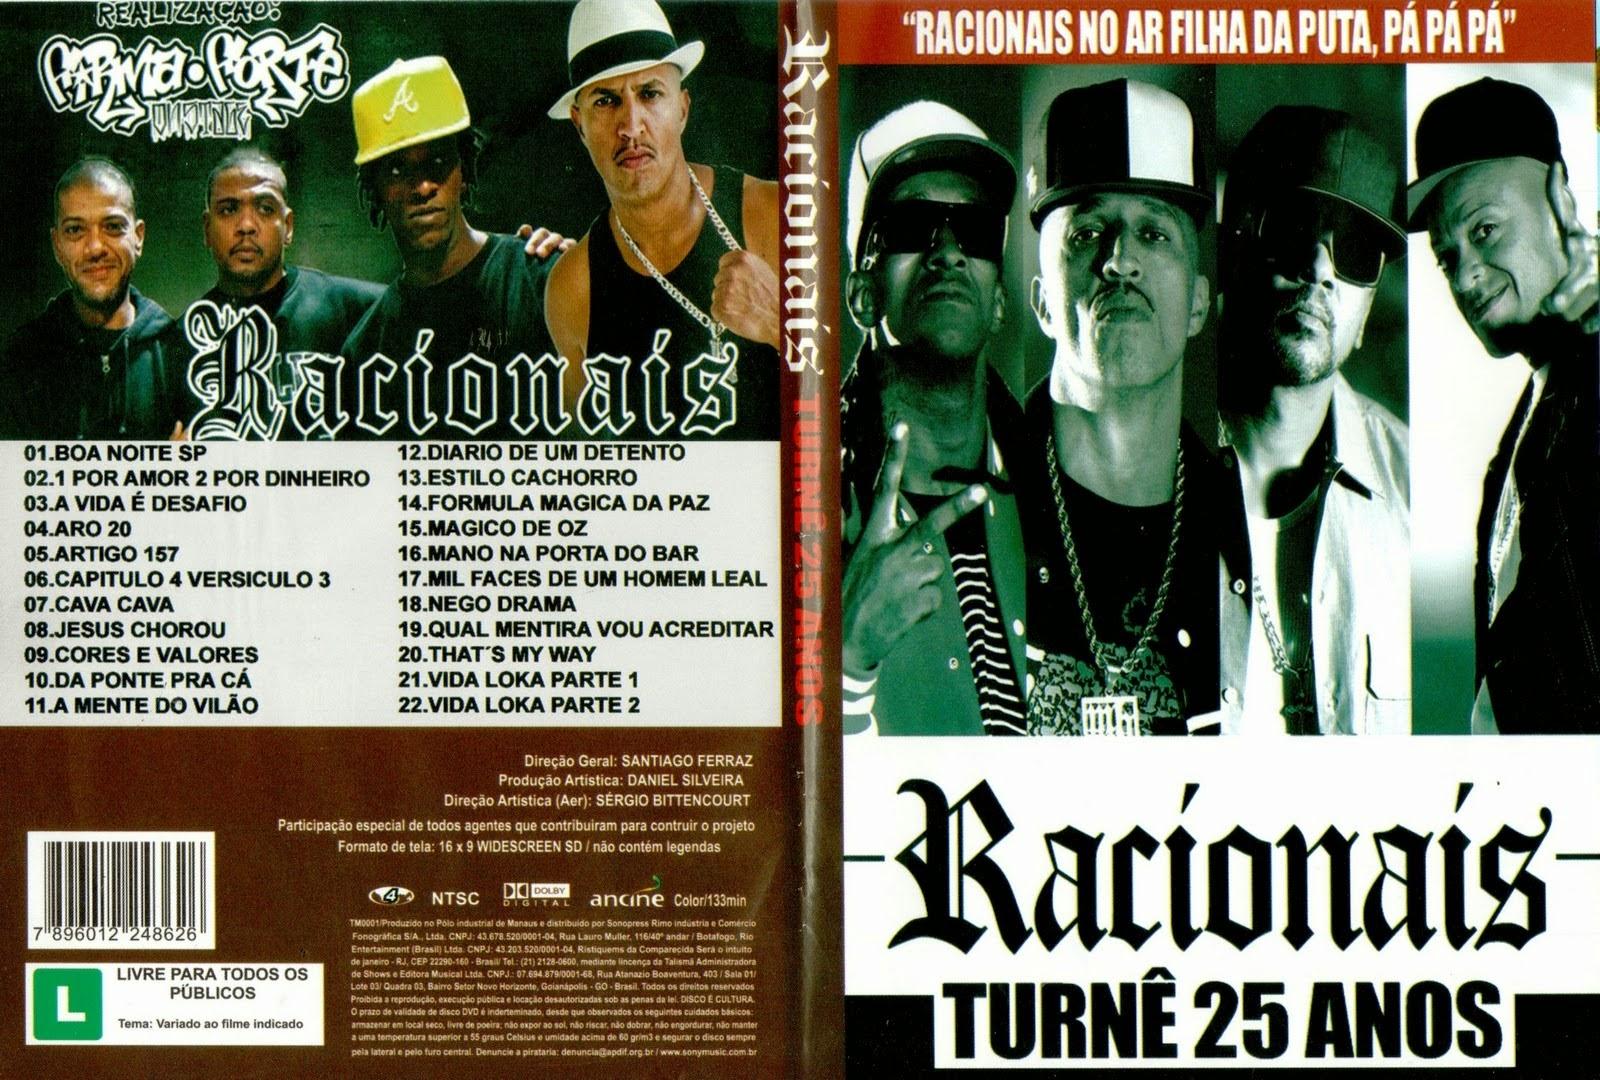 Download Racionais Mcs Turnê 25 Anos DVD-R racionais 2Bturne 2B25 2Banos 2B001